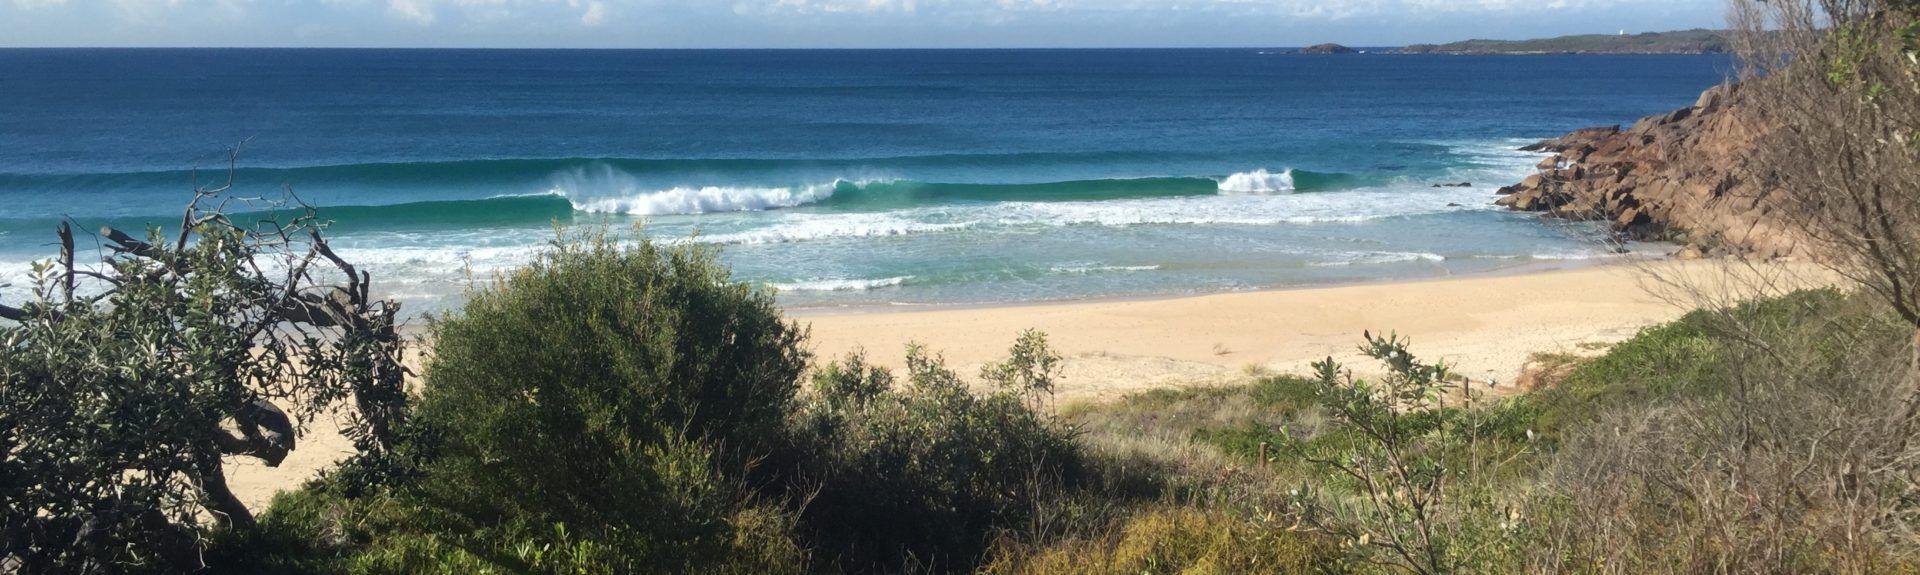 North Coast, Nuovo Galles del Sud, Australia